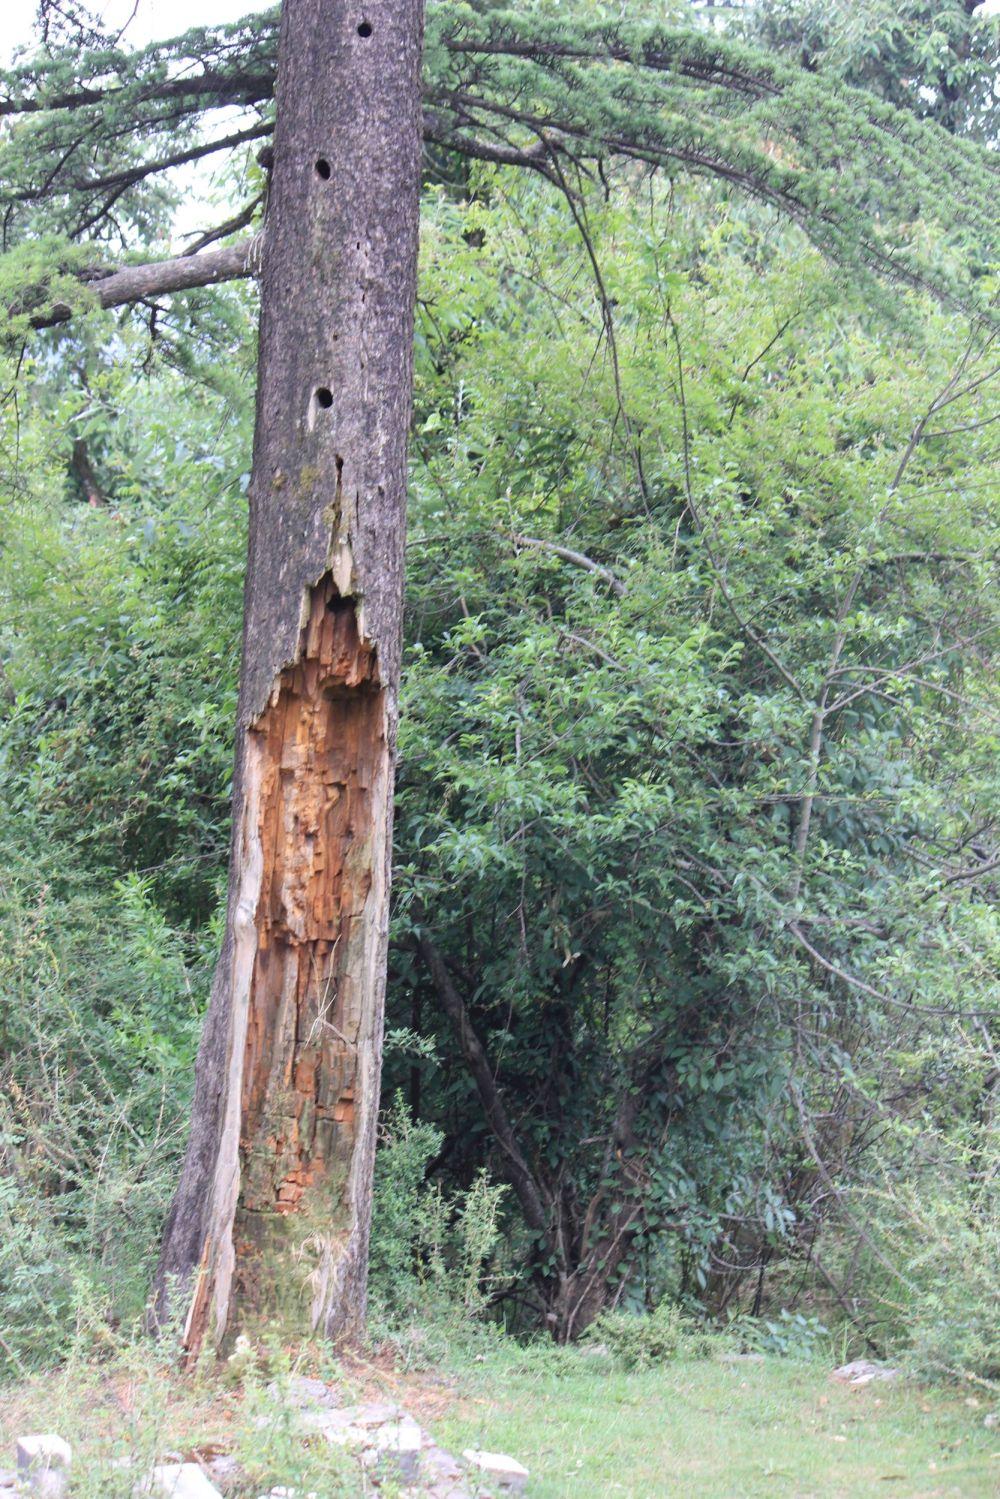 drzewo_piorun_dziwne_dziury_próchno_spruchniałe